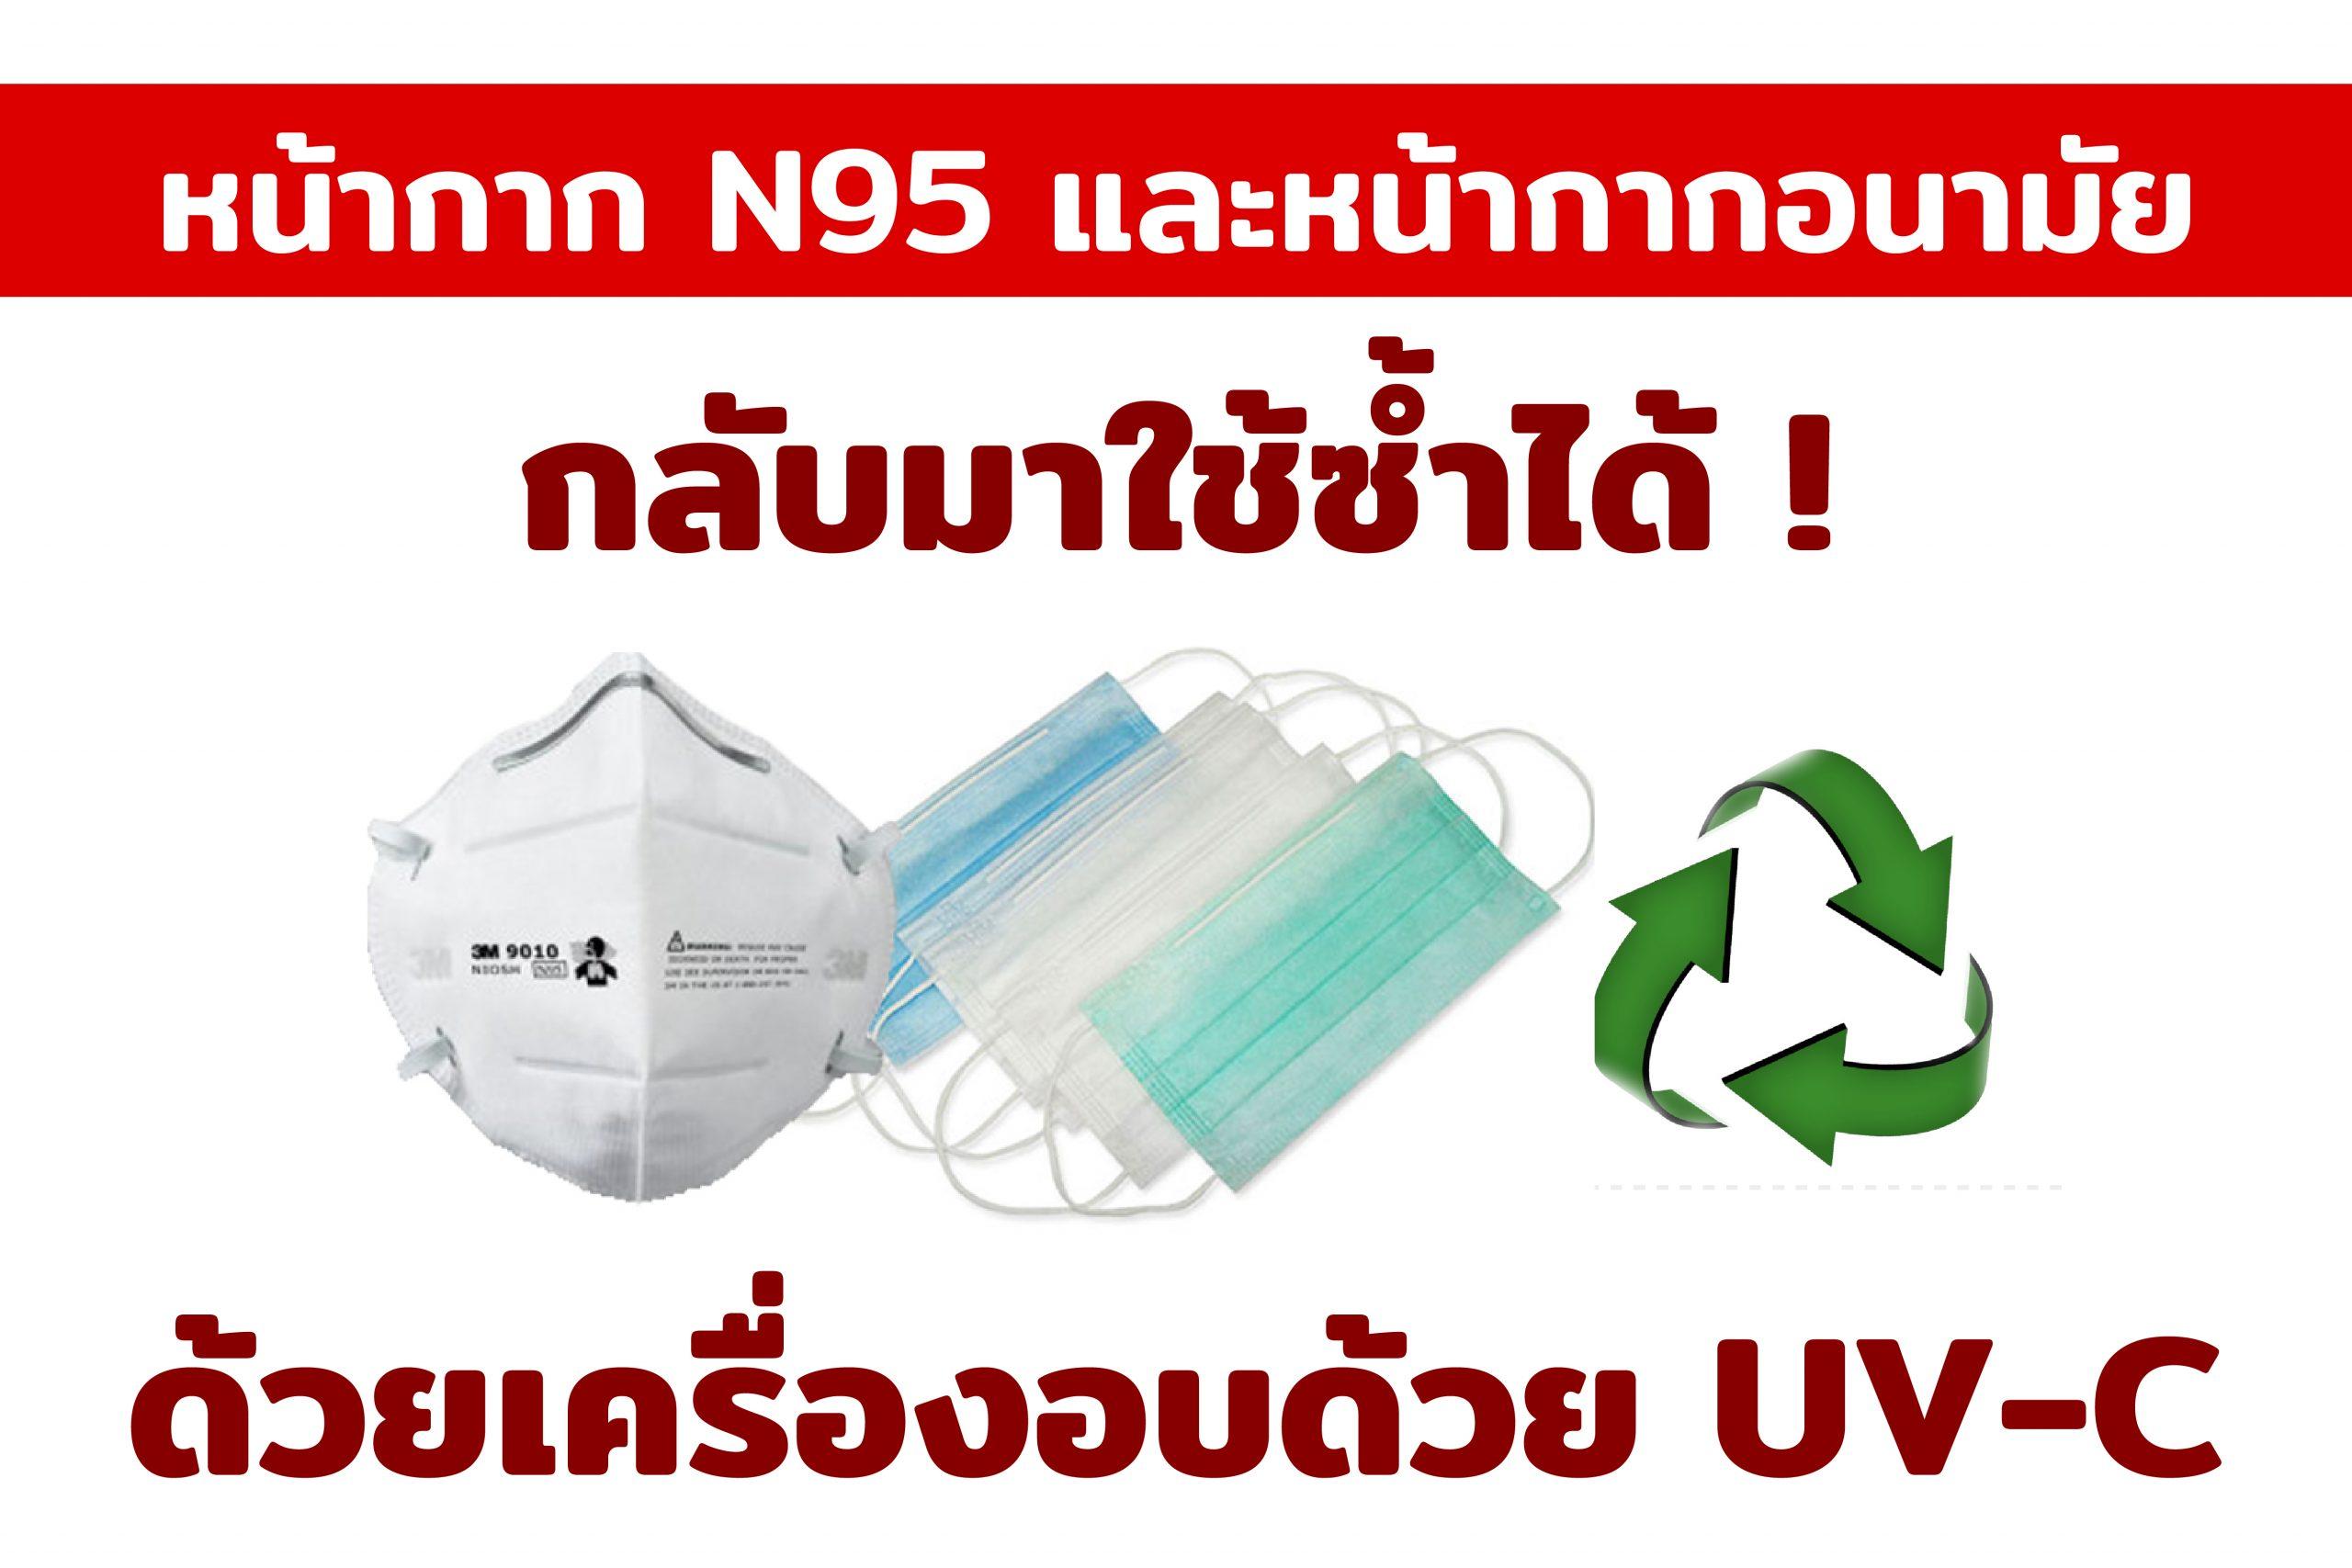 หน้ากาก N95 อบด้วยรังสี UV-C สามารถฆ่าเชื้อโควิด-19 ได้ ชี้เป็นทางเลือกให้กลับมาใช้ซ้ำ